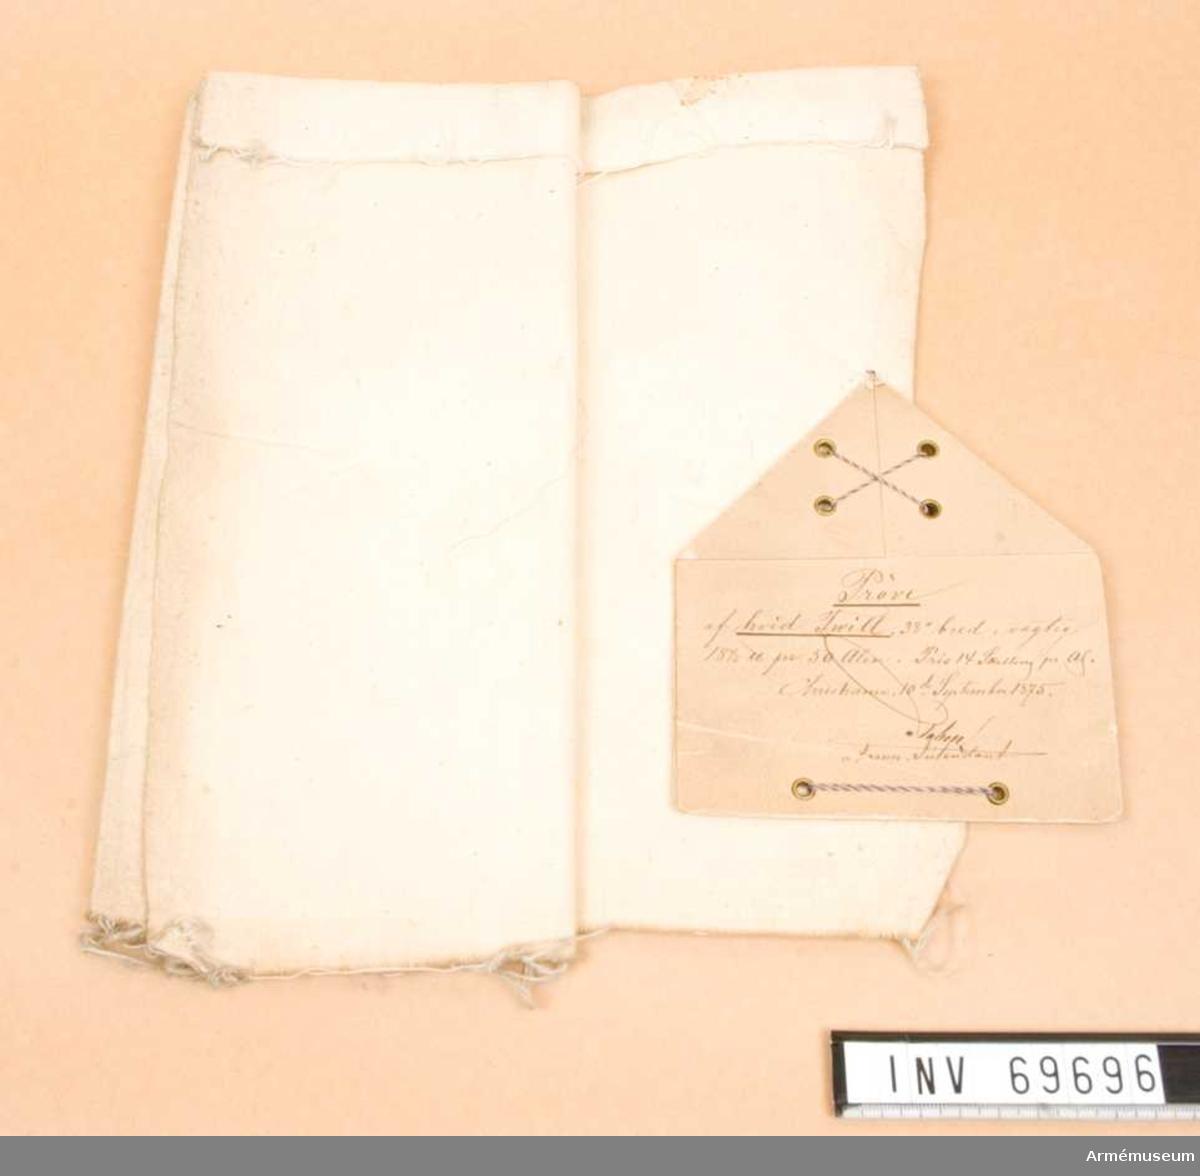 """På etiketten står skrivet: """"Pröve af hvid twill, 38"""" bred, vogtig 18 1/2 u pr 50 alen. Pris 14 skilling pr as. Christiania, 10de September 1875."""""""